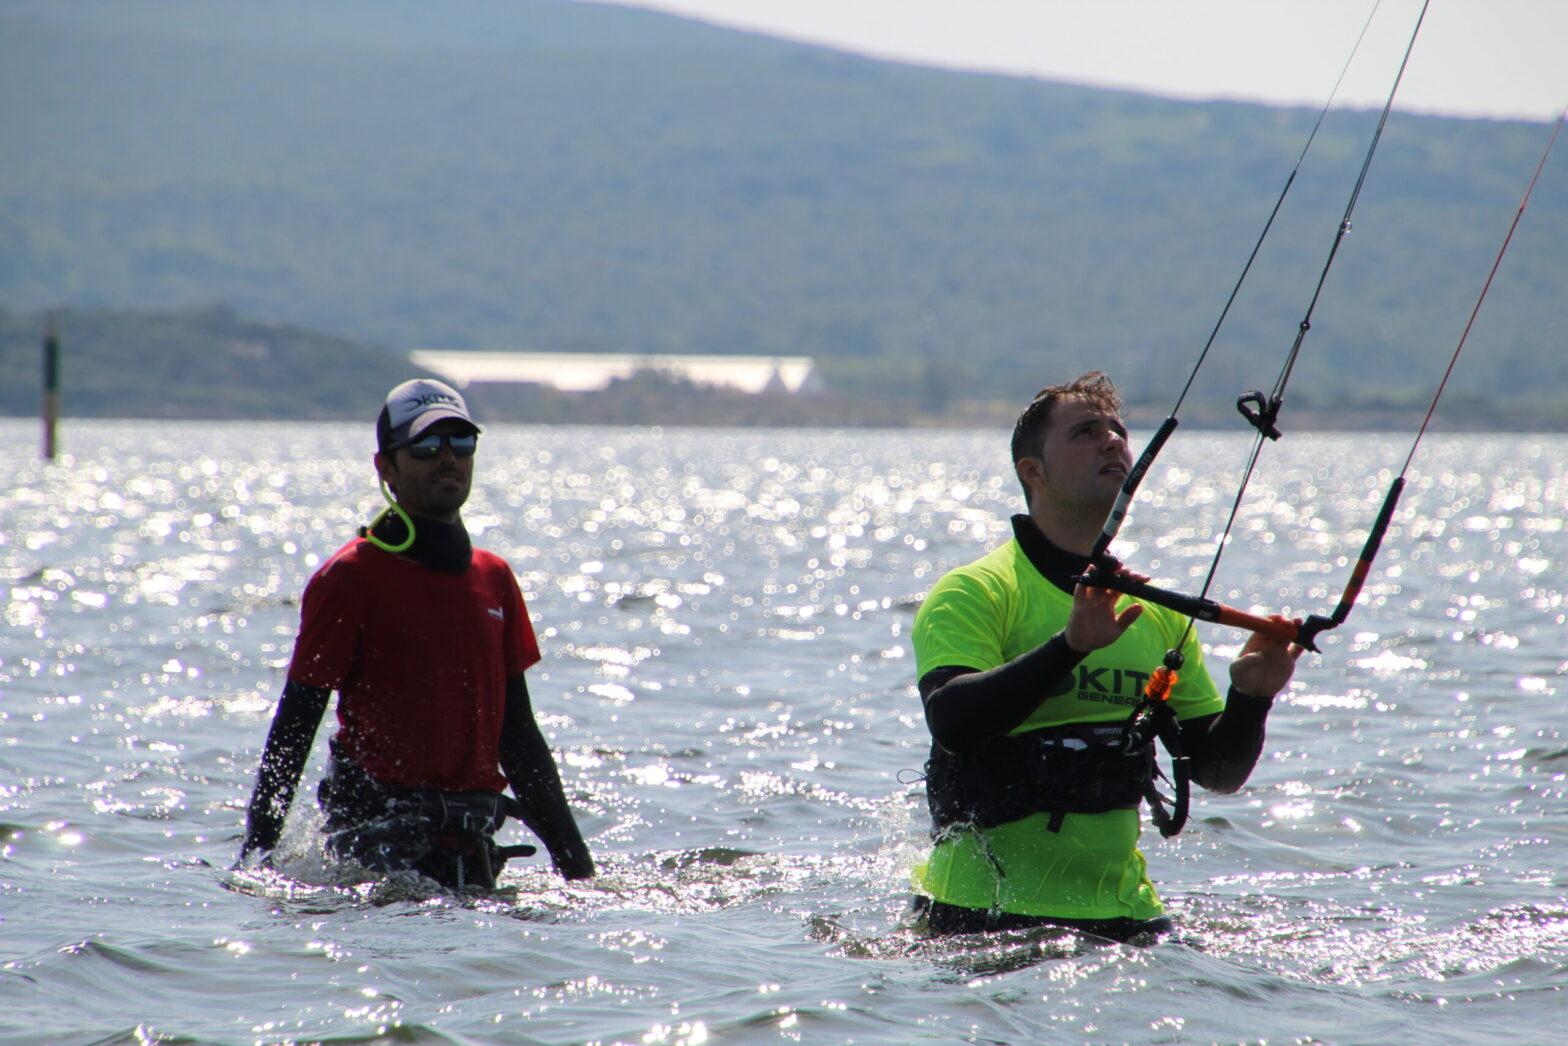 Lezioni di kitesurf a Punta Trettu in Sardegna, il miglior kite spot della Sardegna con acqua piatta e bassa